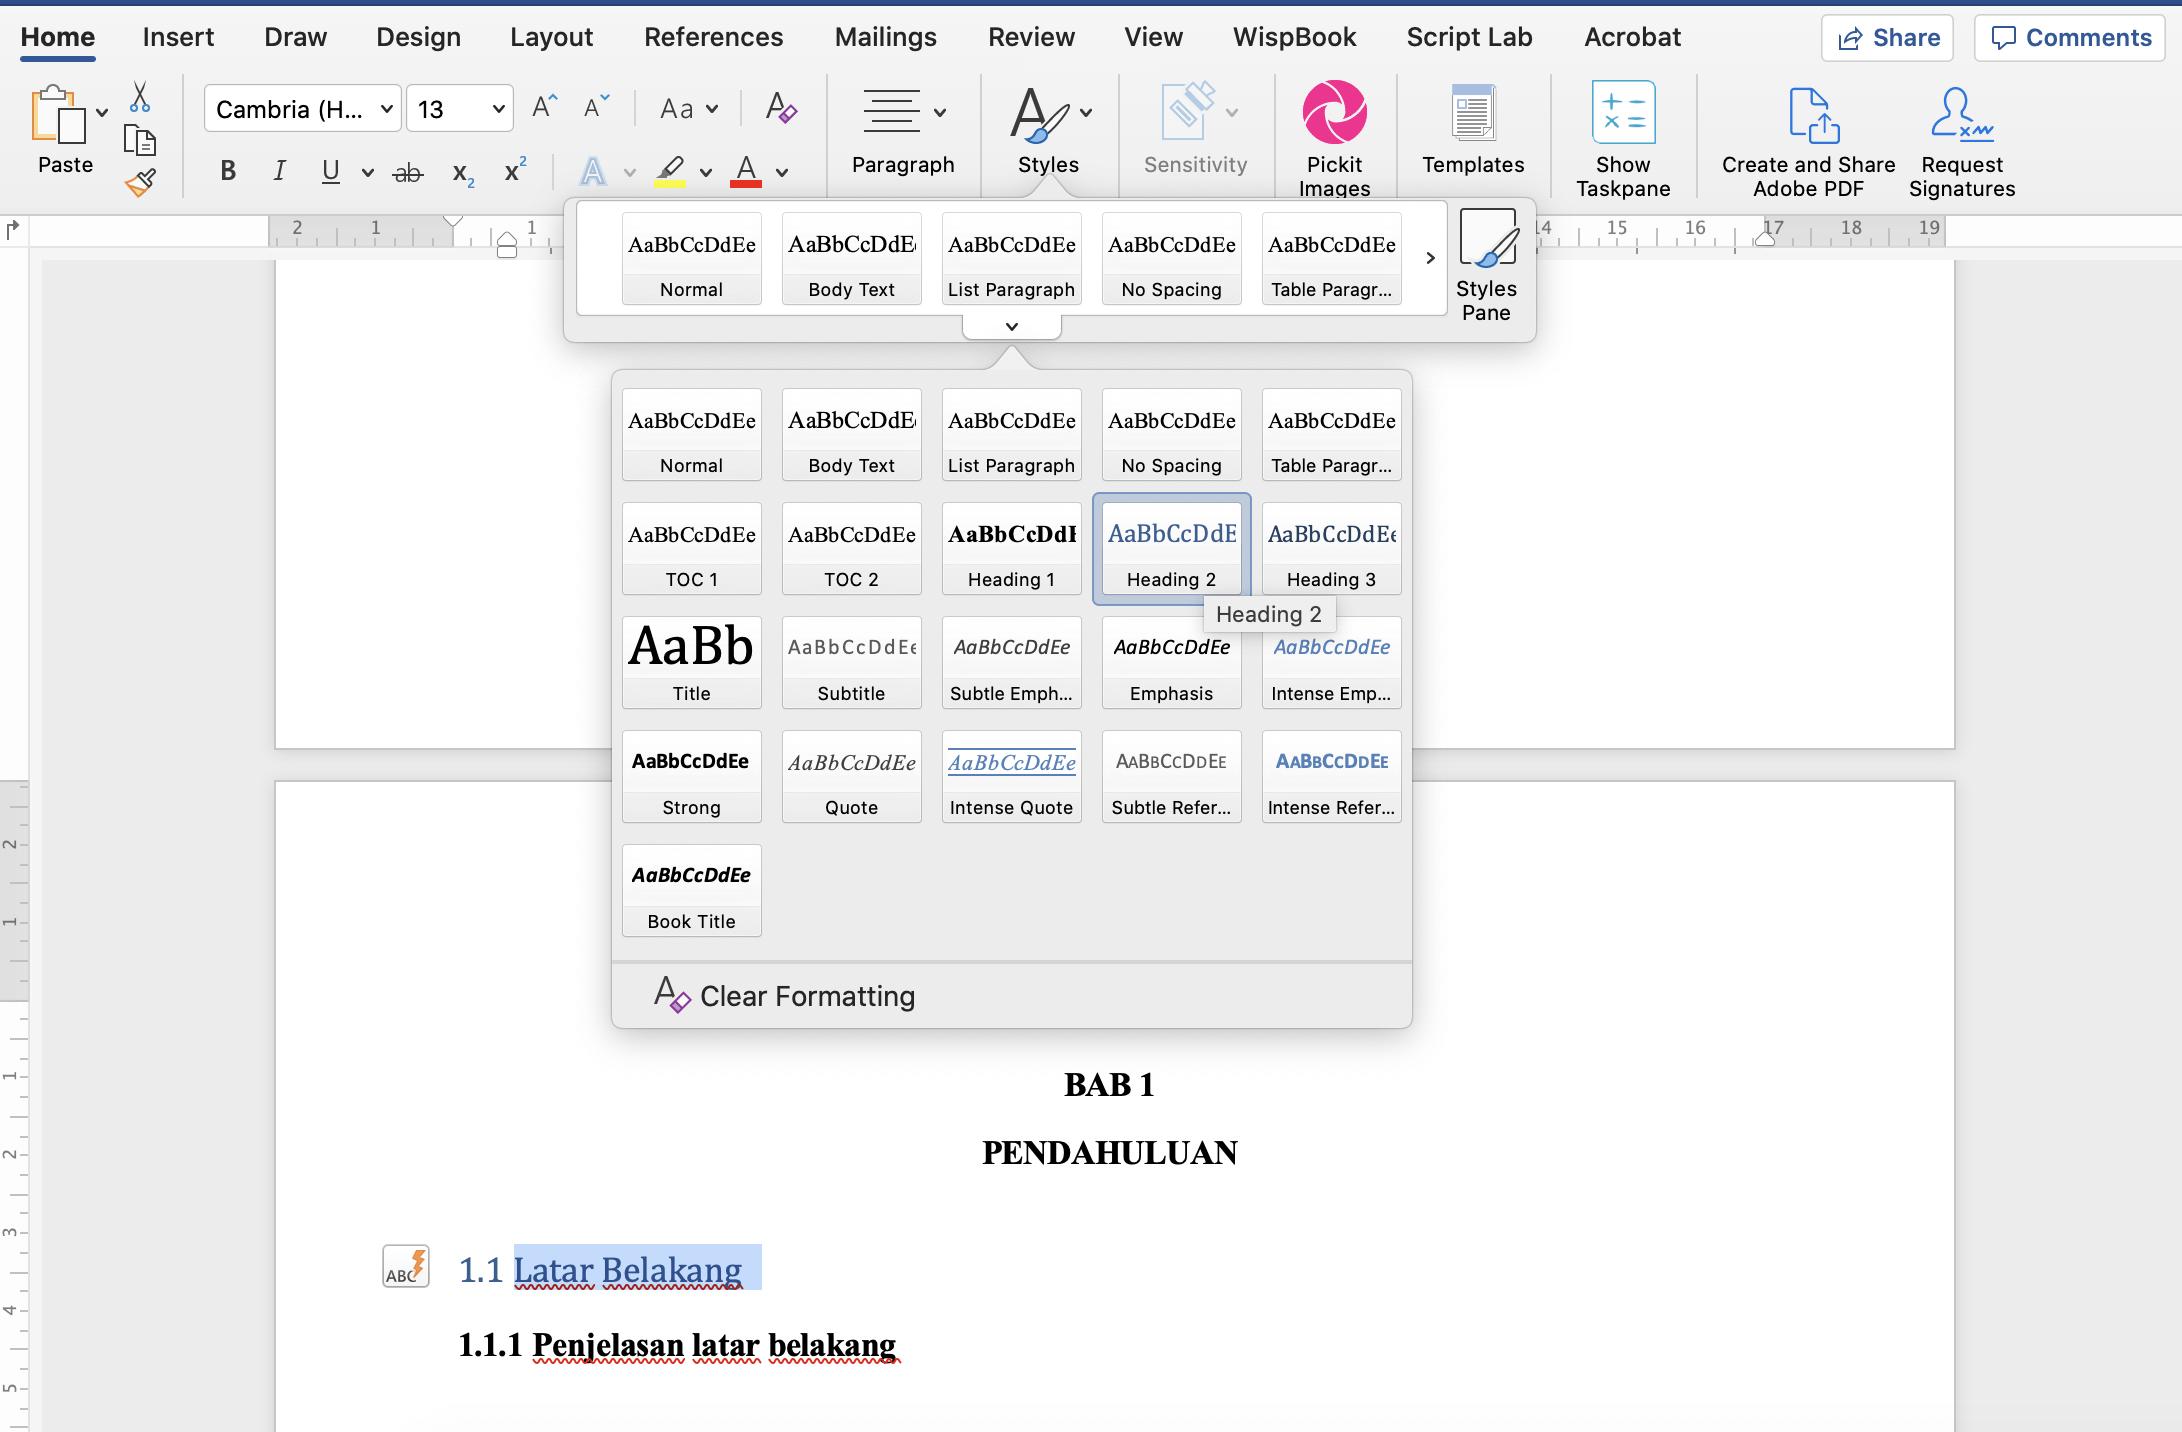 Cara Membuat Daftar Isi Secara Otomatis Pada Microsoft Word - Tutorial Untuk Guru Pemula